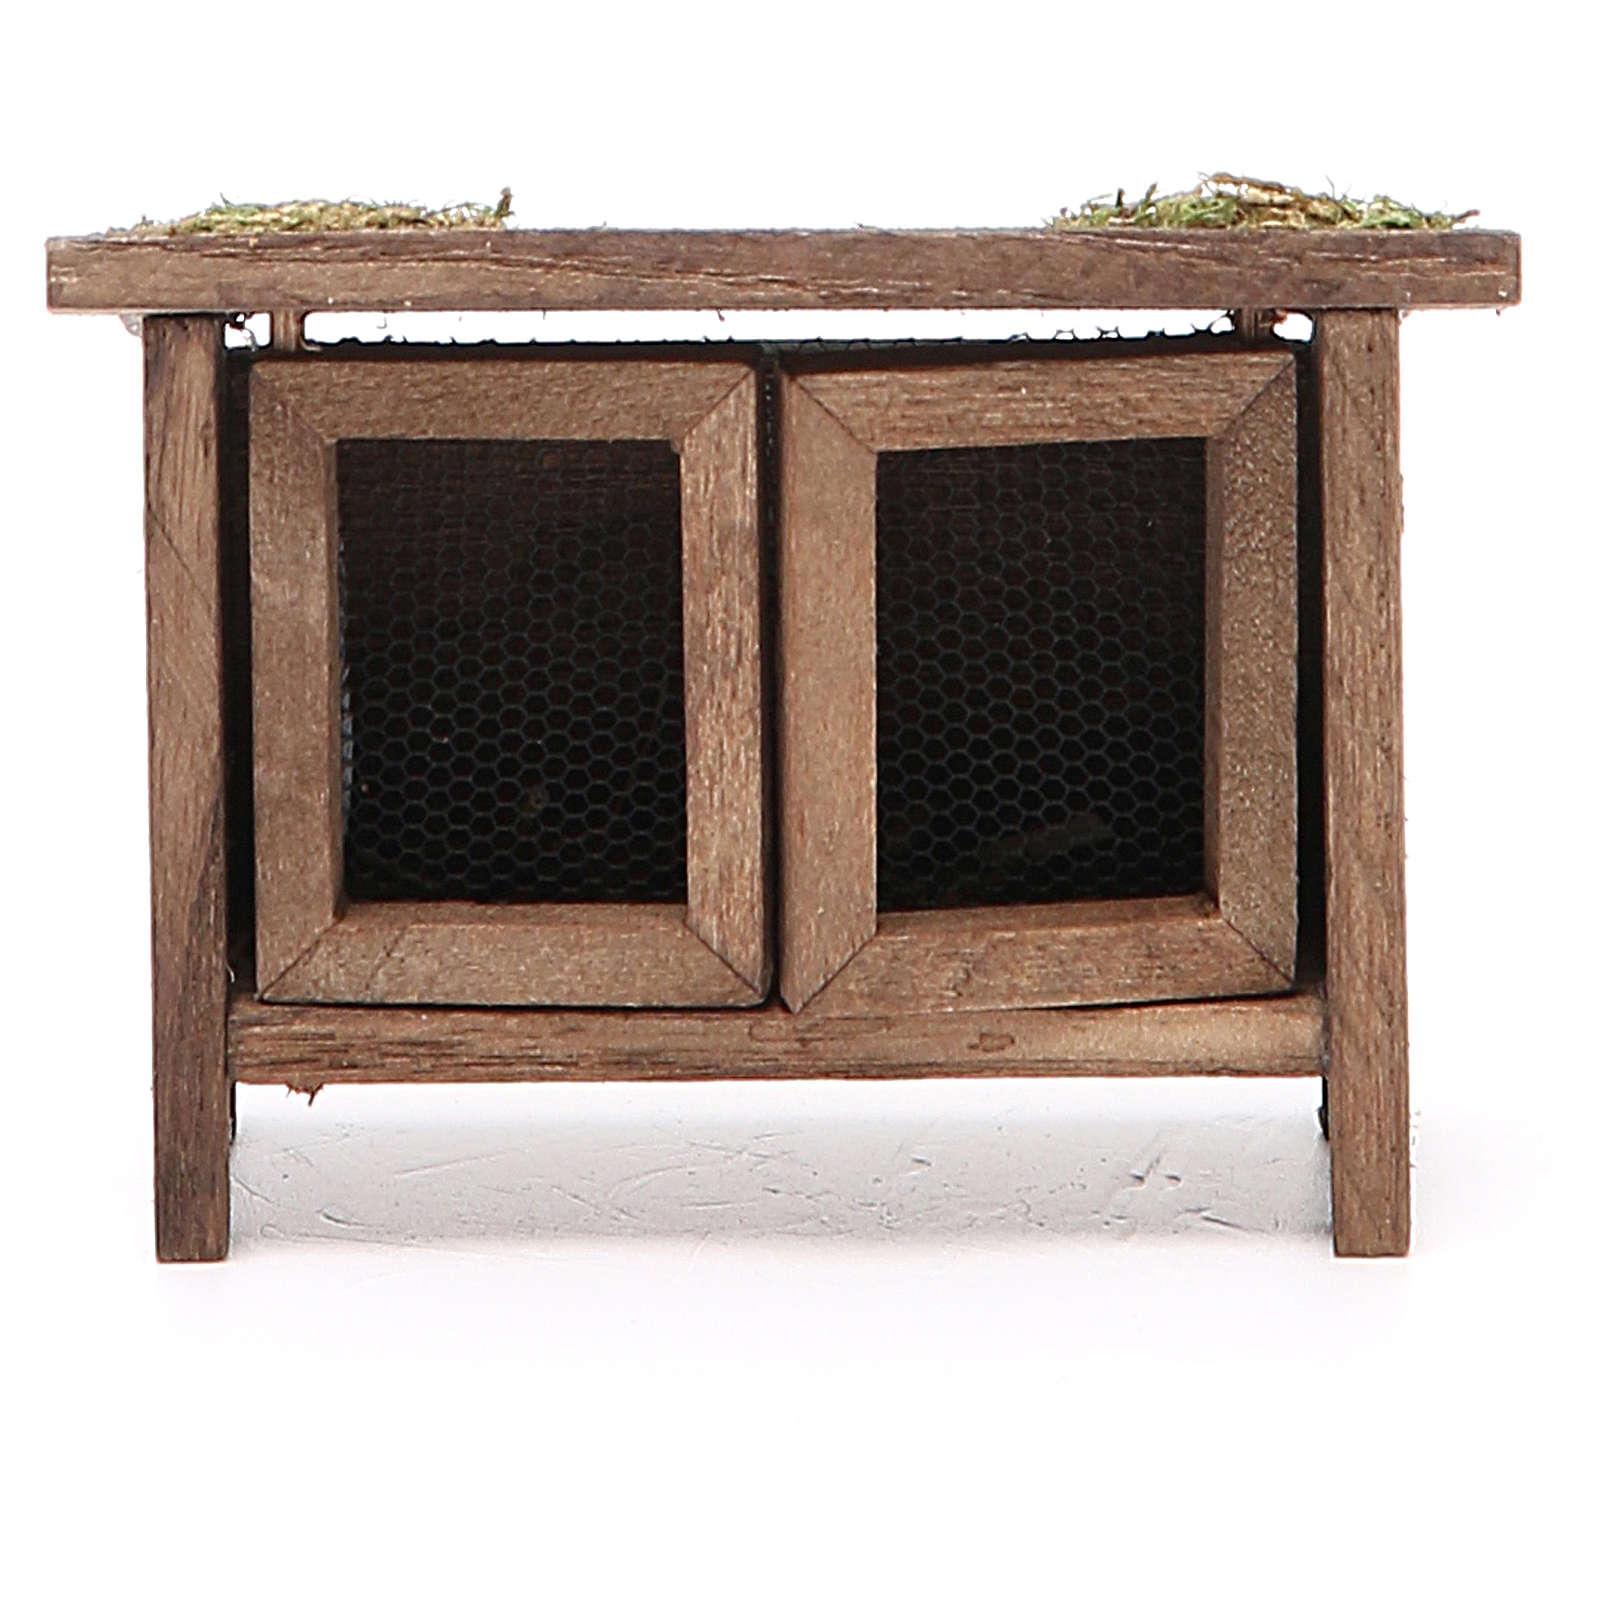 Conigliera in legno per presepe h. 6x7x3 cm 3